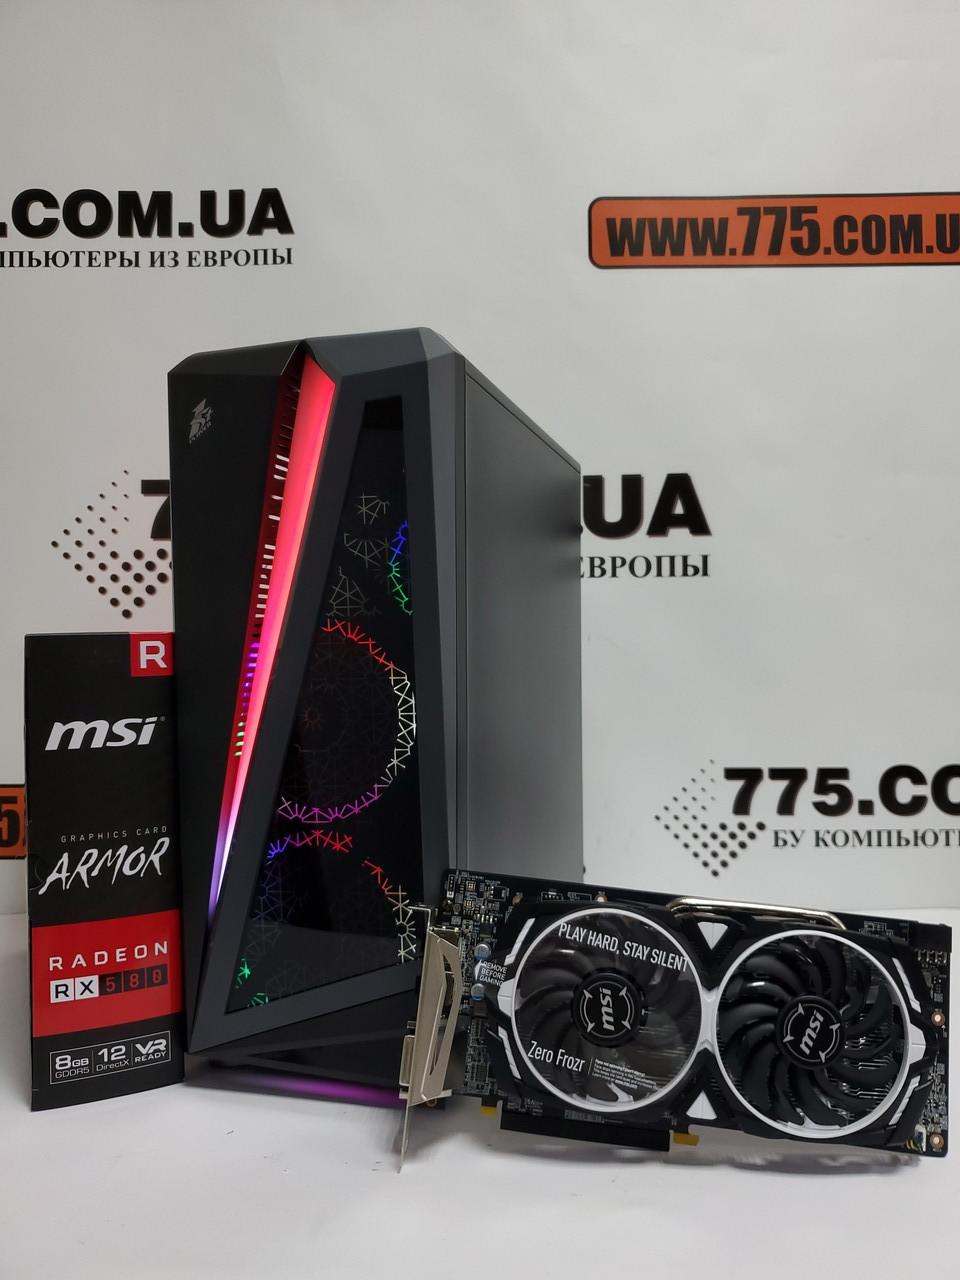 Игровой компьютер, AMD Ryzen 7 2700x 4.30GHz (16 потоков), 16ГБ DDR4, SSD 240ГБ, RX 580 8ГБ, Новый ПК